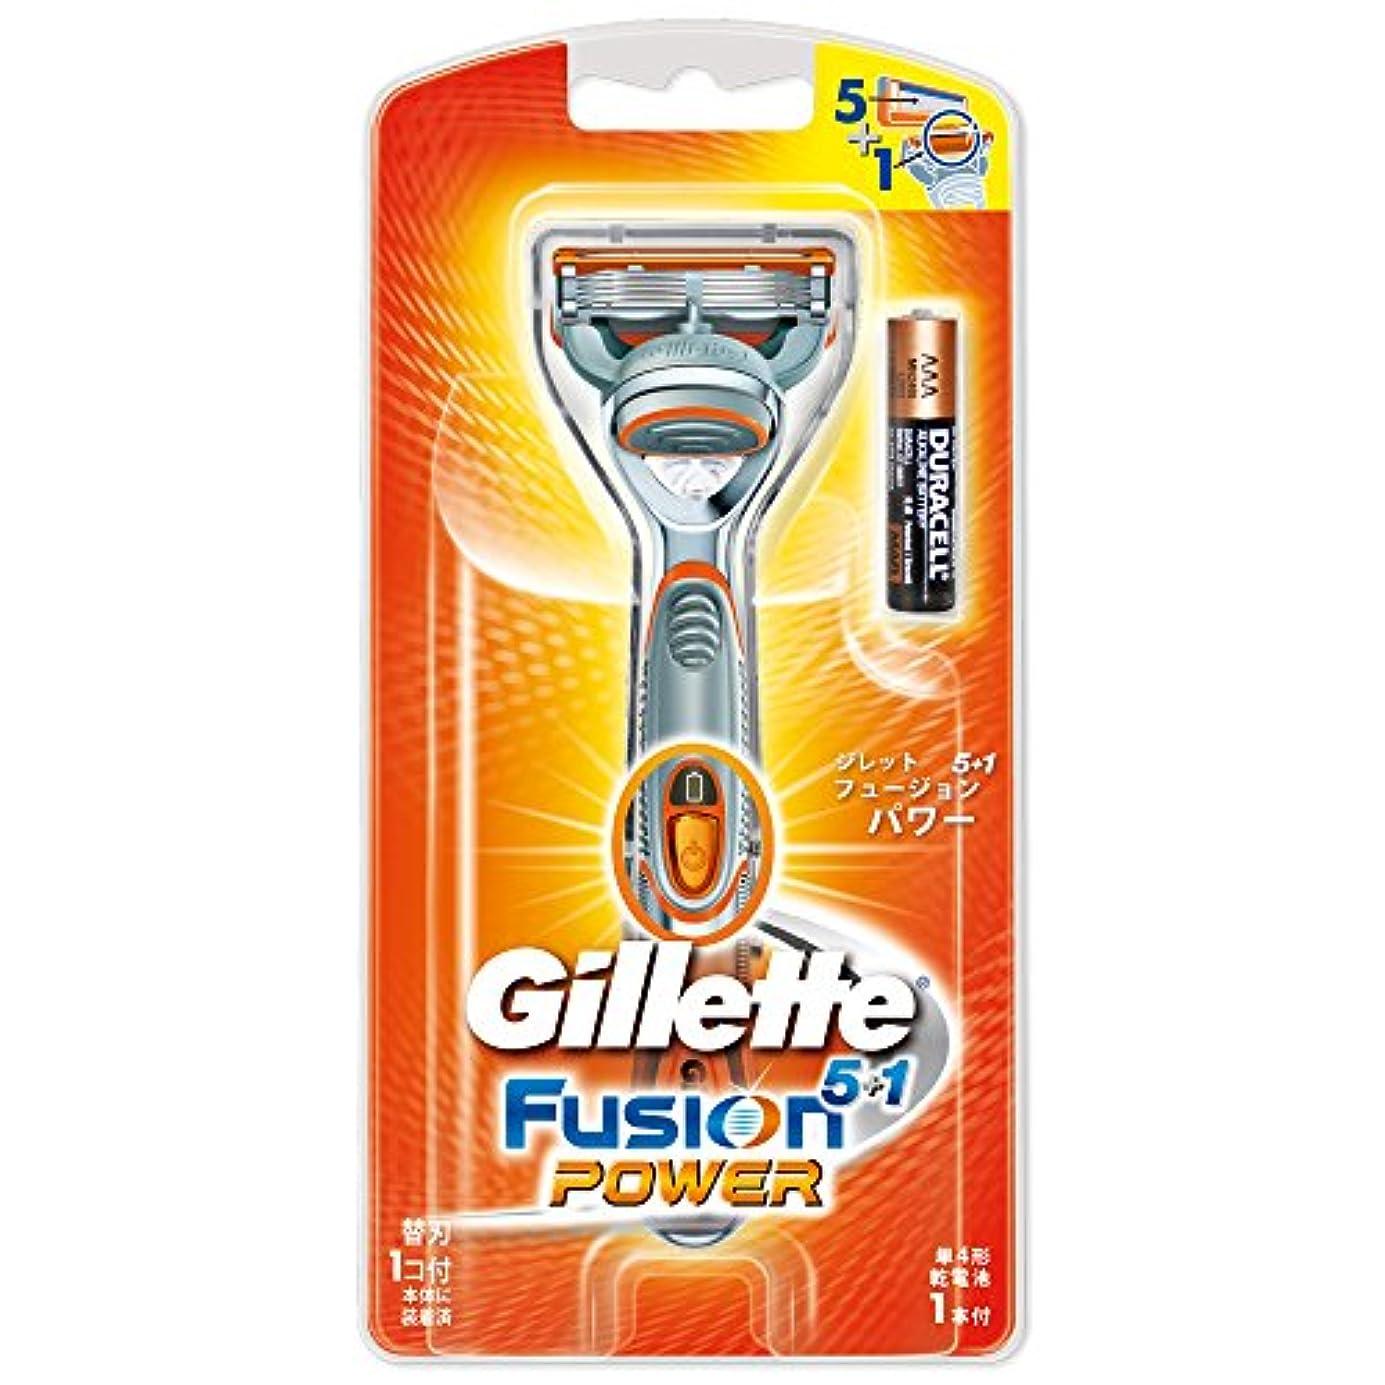 人口雪だるまを作る毎月ジレット 髭剃り フュージョン5+1 パワー 本体